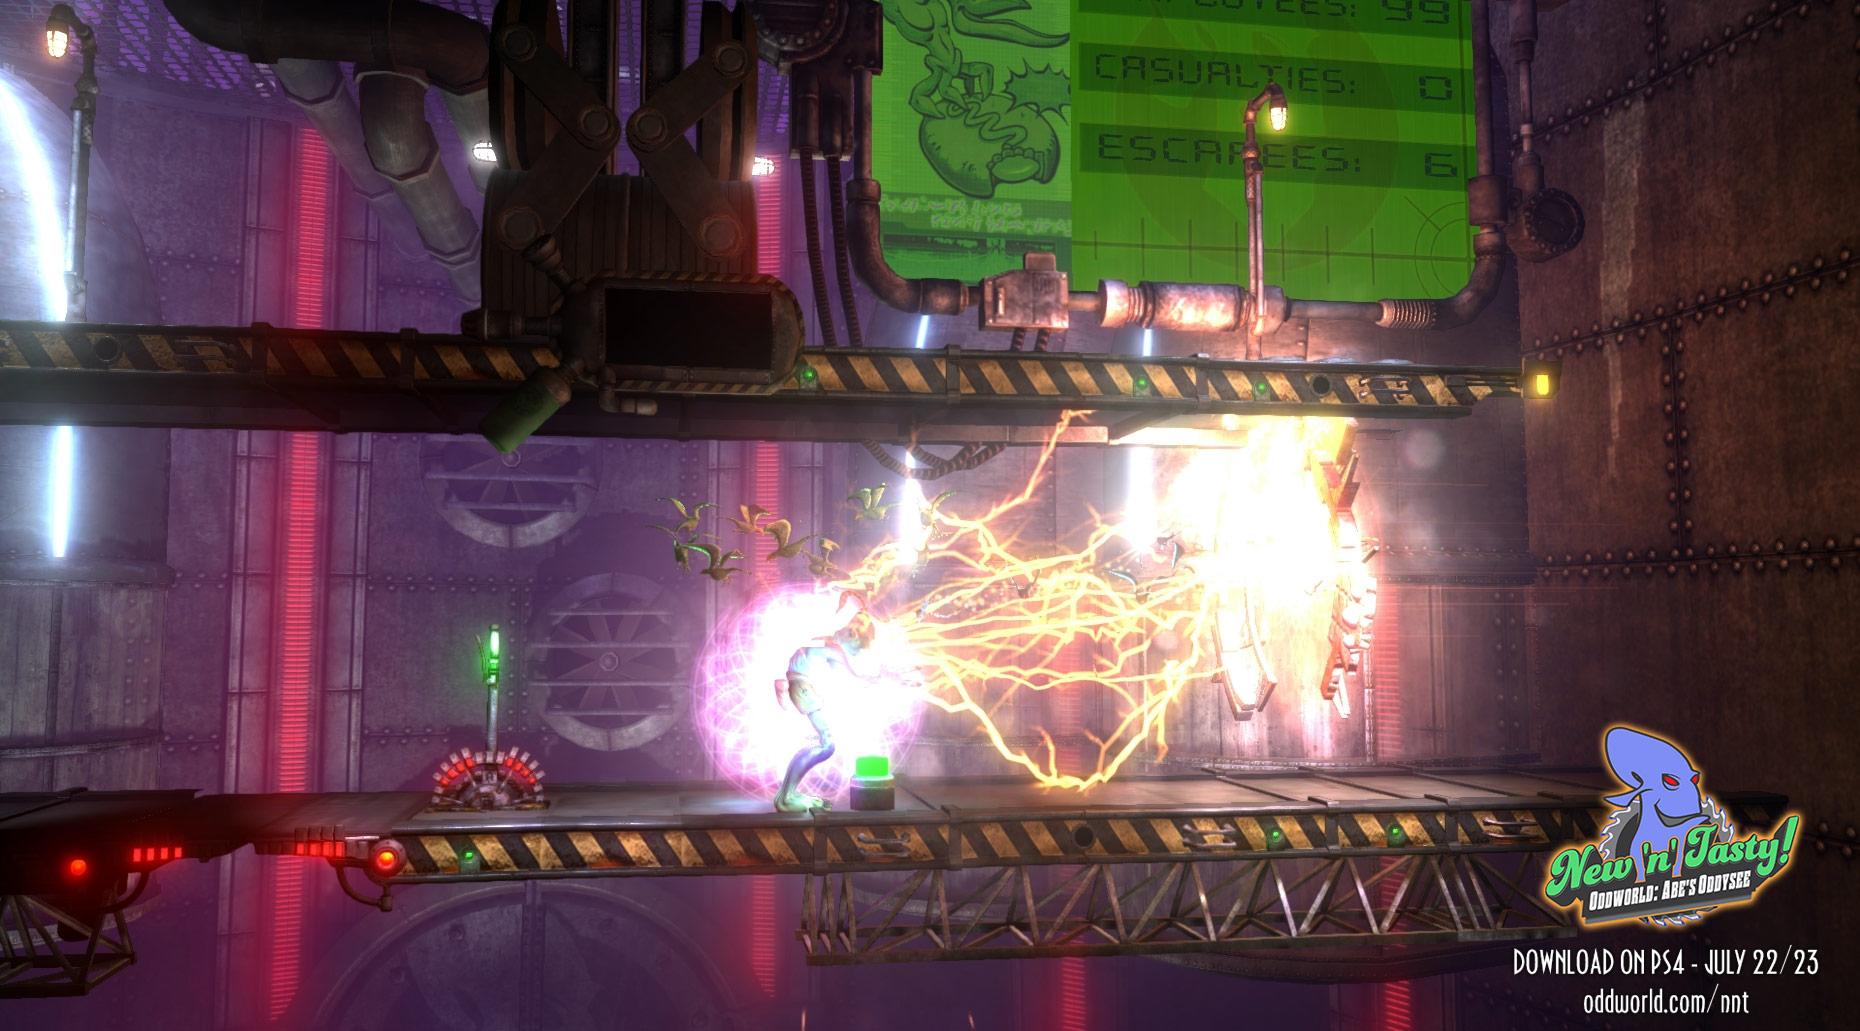 Oddworld New 'n' Tasty Launch 20-07-14 001